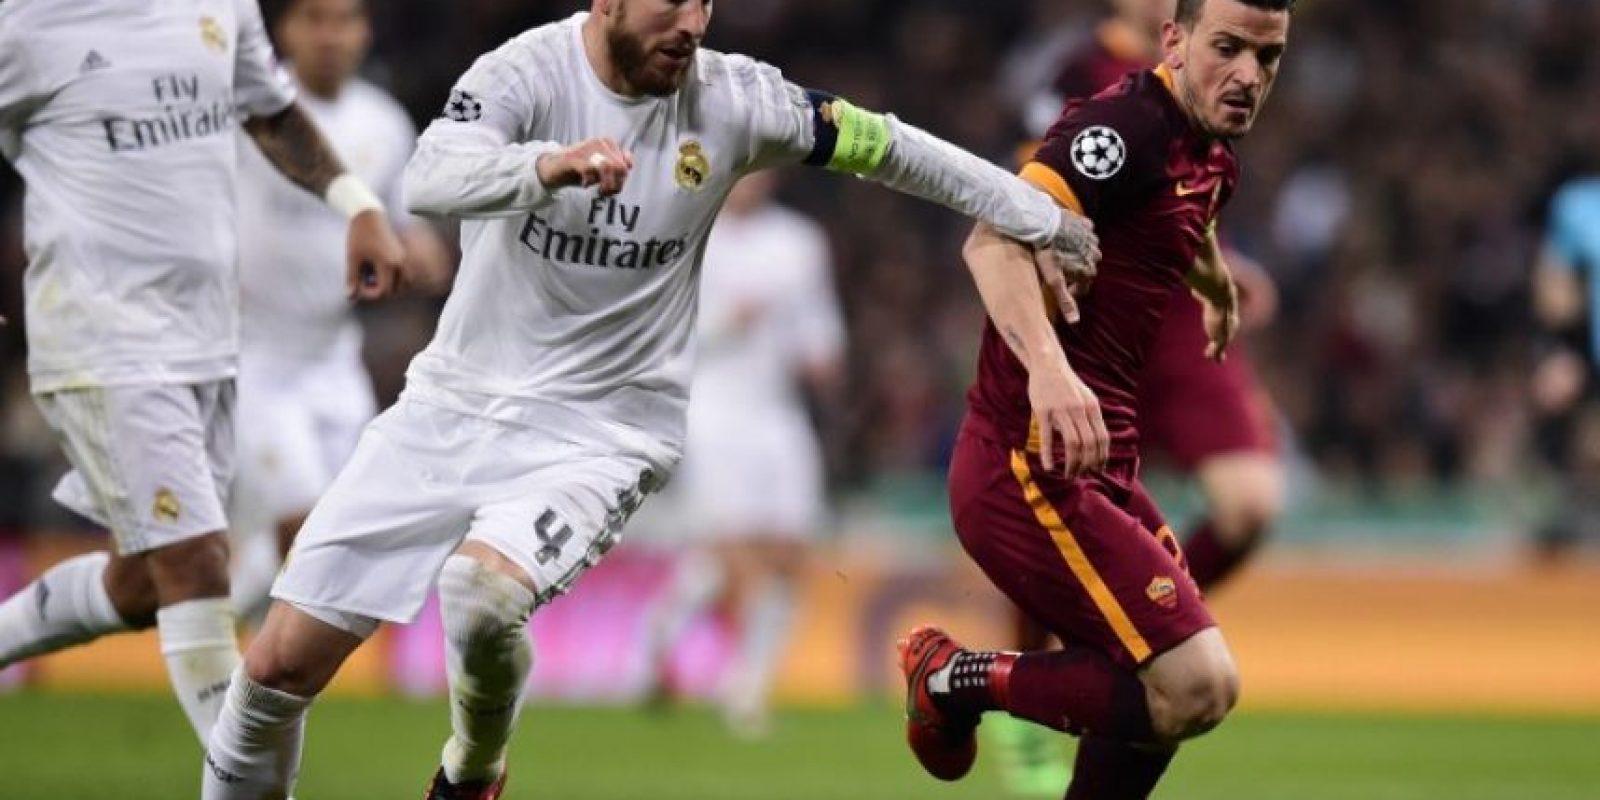 Jugadores del Real Madrid y el AS Roma disputan un balón en un partido de Champions League. Foto:AFP